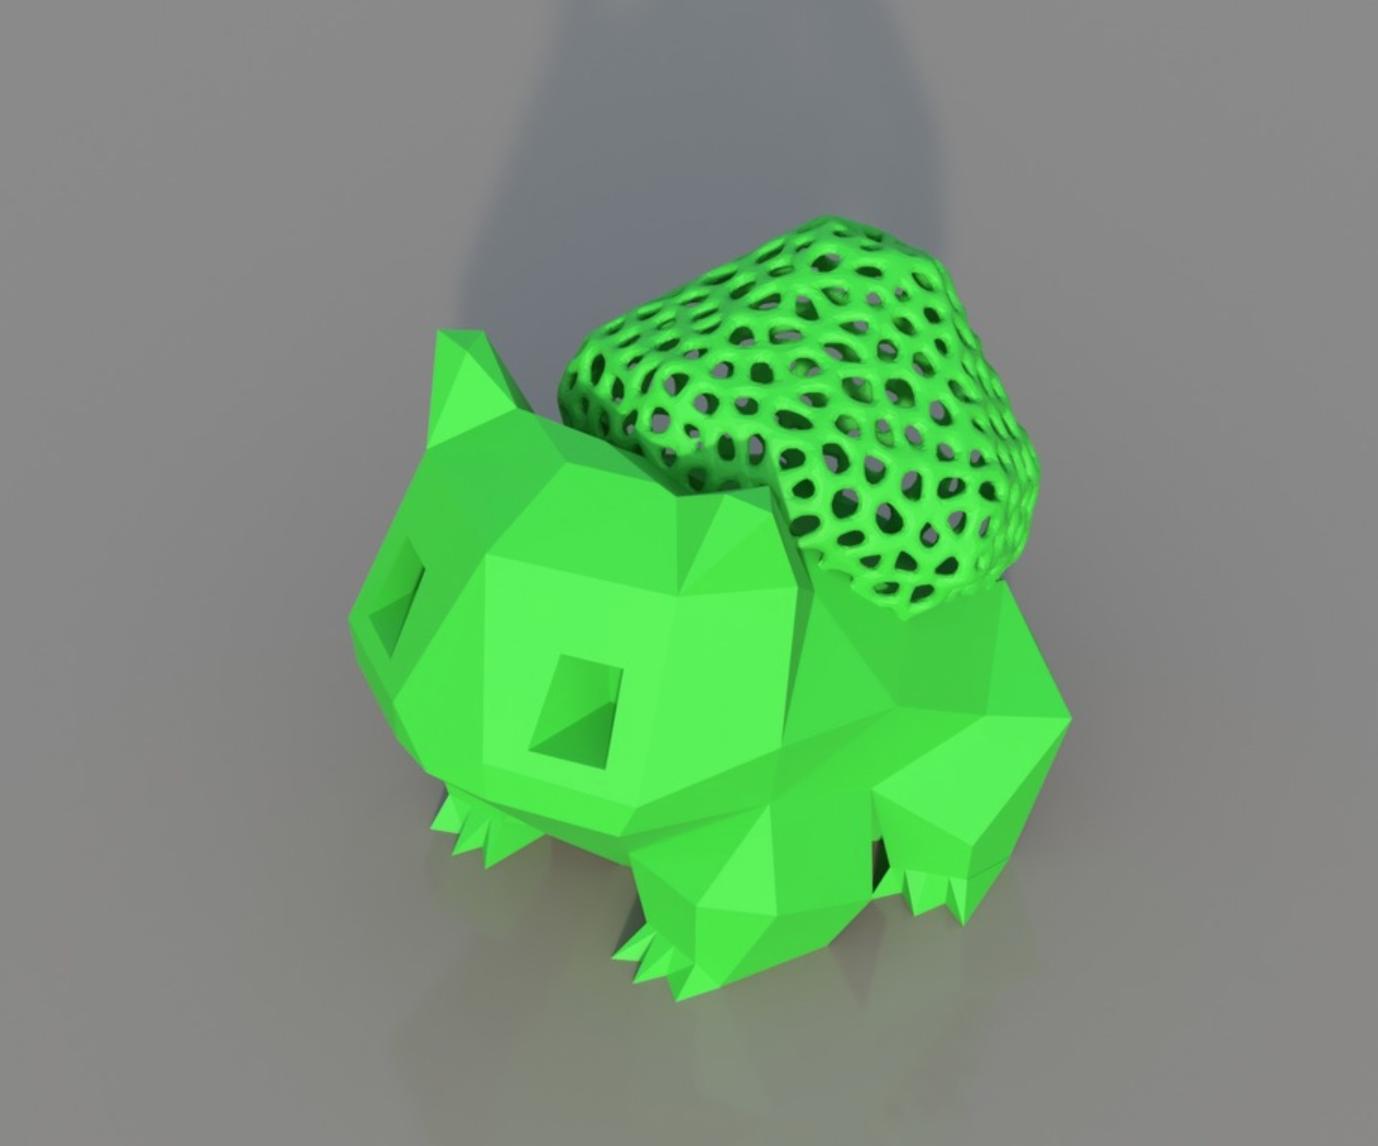 Capture d'écran 2017-12-26 à 11.36.21.png Download STL file Low Poly Voronoi Hybrid Bulbasaur • 3D printer model, 3DPrintingGurus